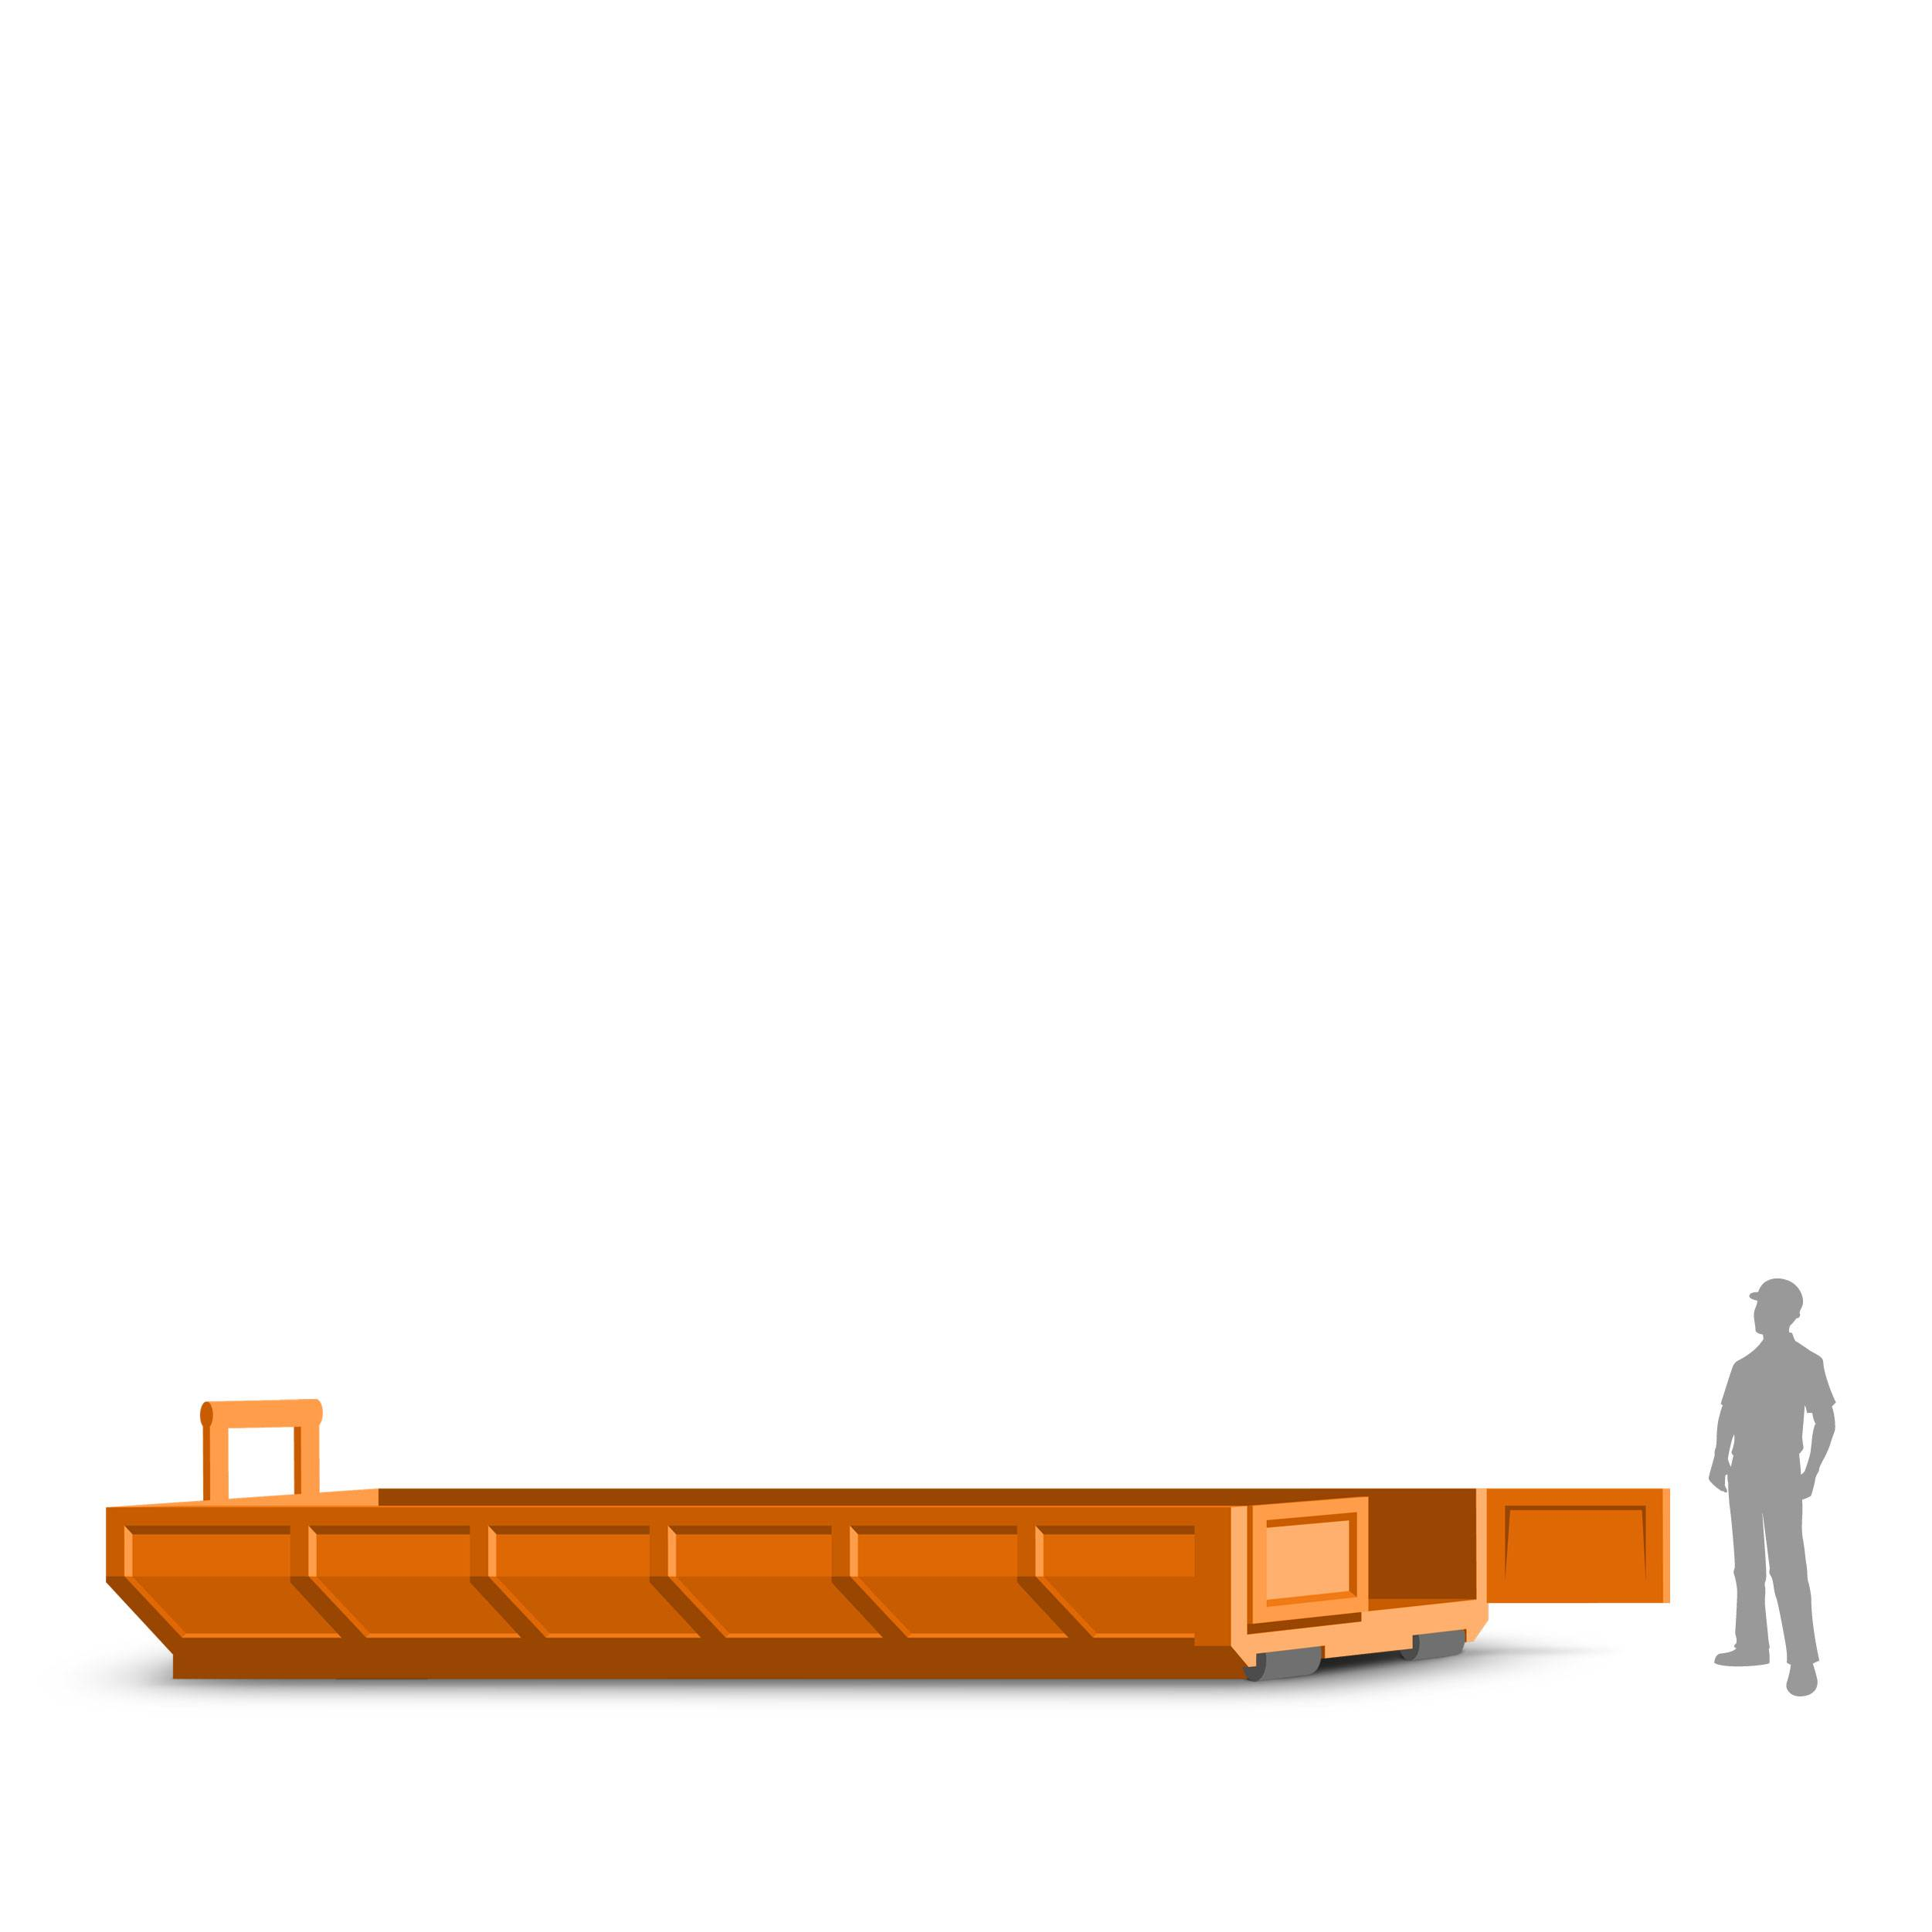 Elegant Container Aufstellen Ohne Baugenehmigung Decoration Of